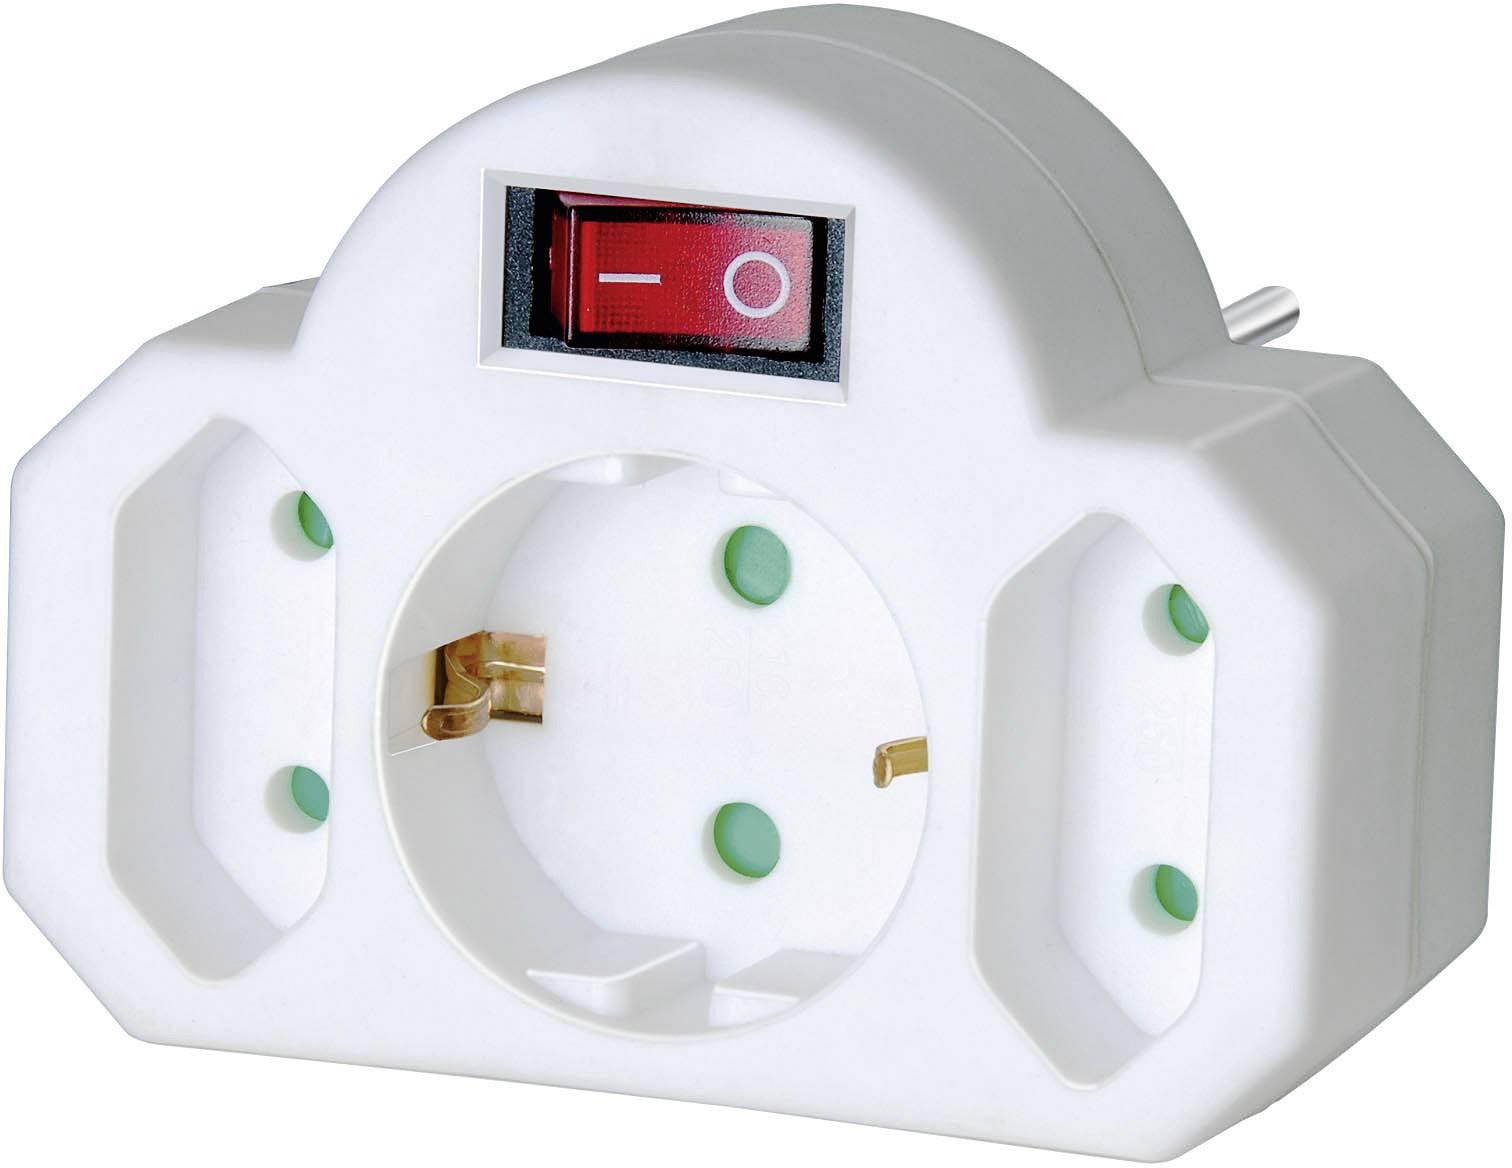 Zásuvkový adaptér Brennenstuhl se spínačem, 3 zásuvky, 1508100